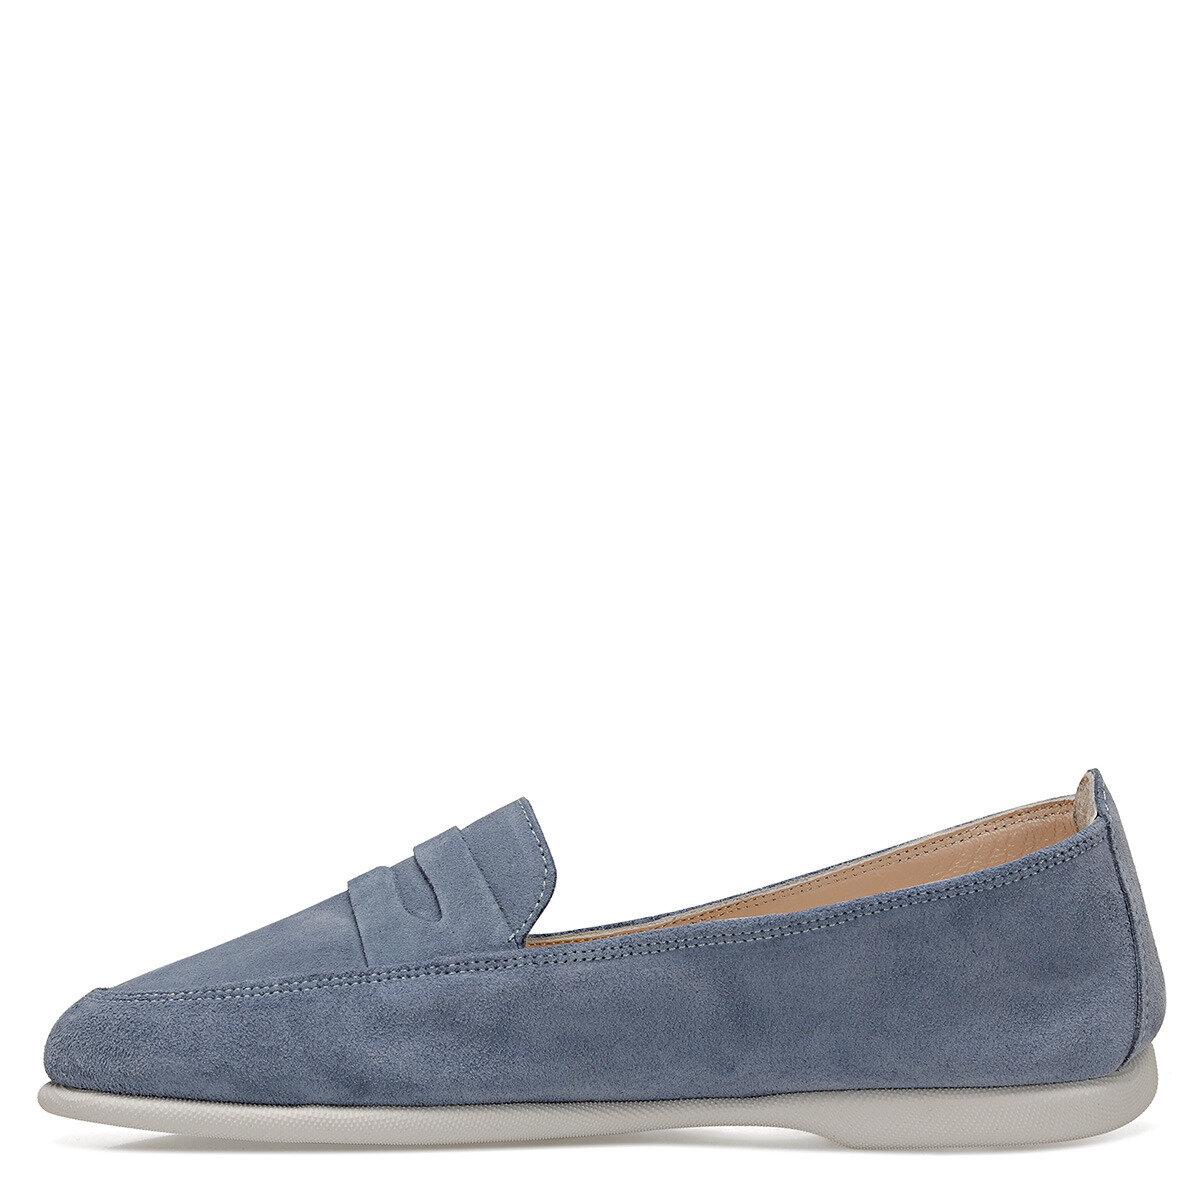 DARMELL Mavi Kadın Loafer Ayakkabı